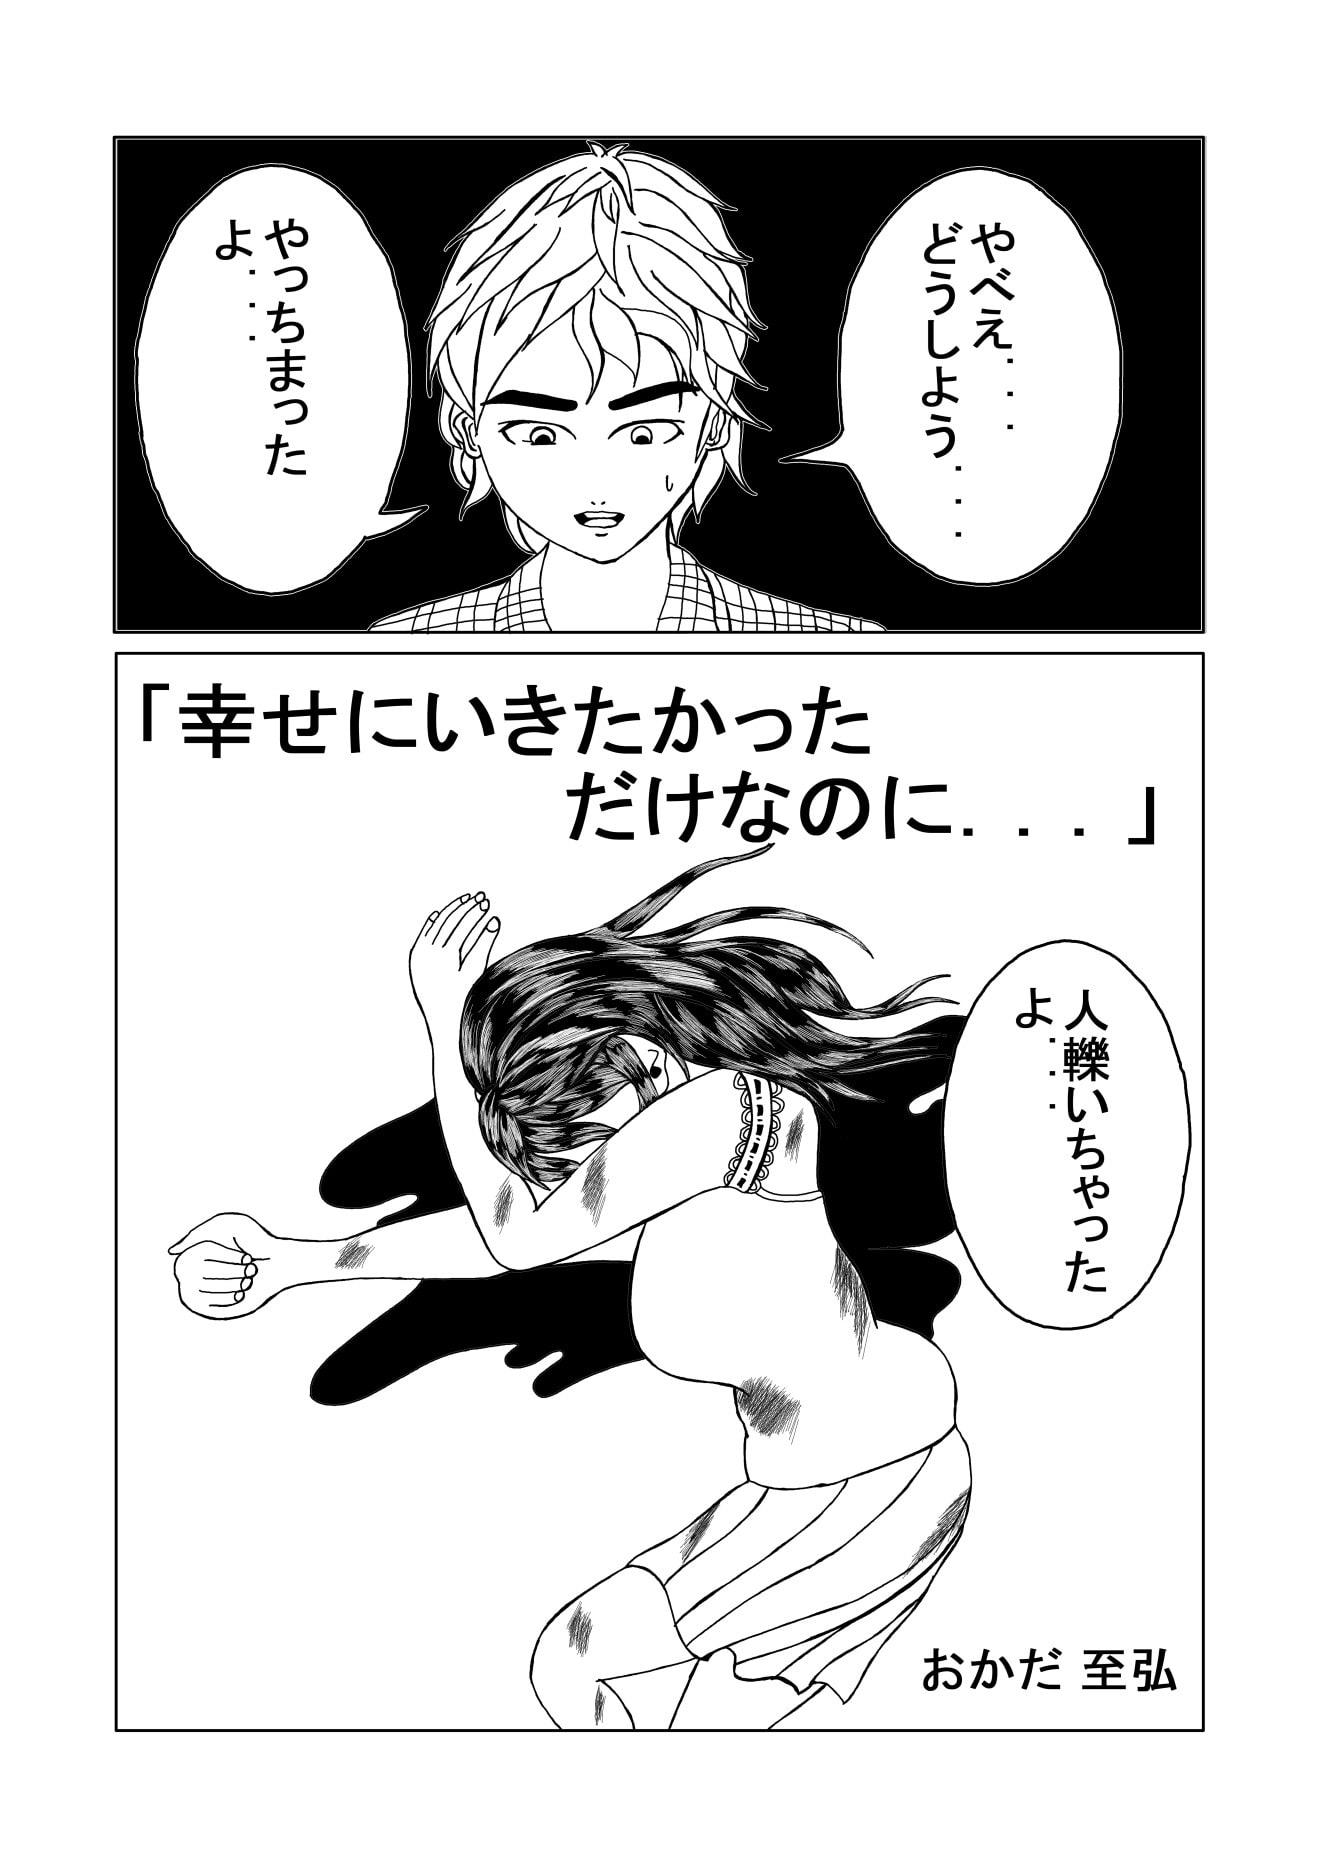 月刊漫画制作-YUKI-2020年11月号